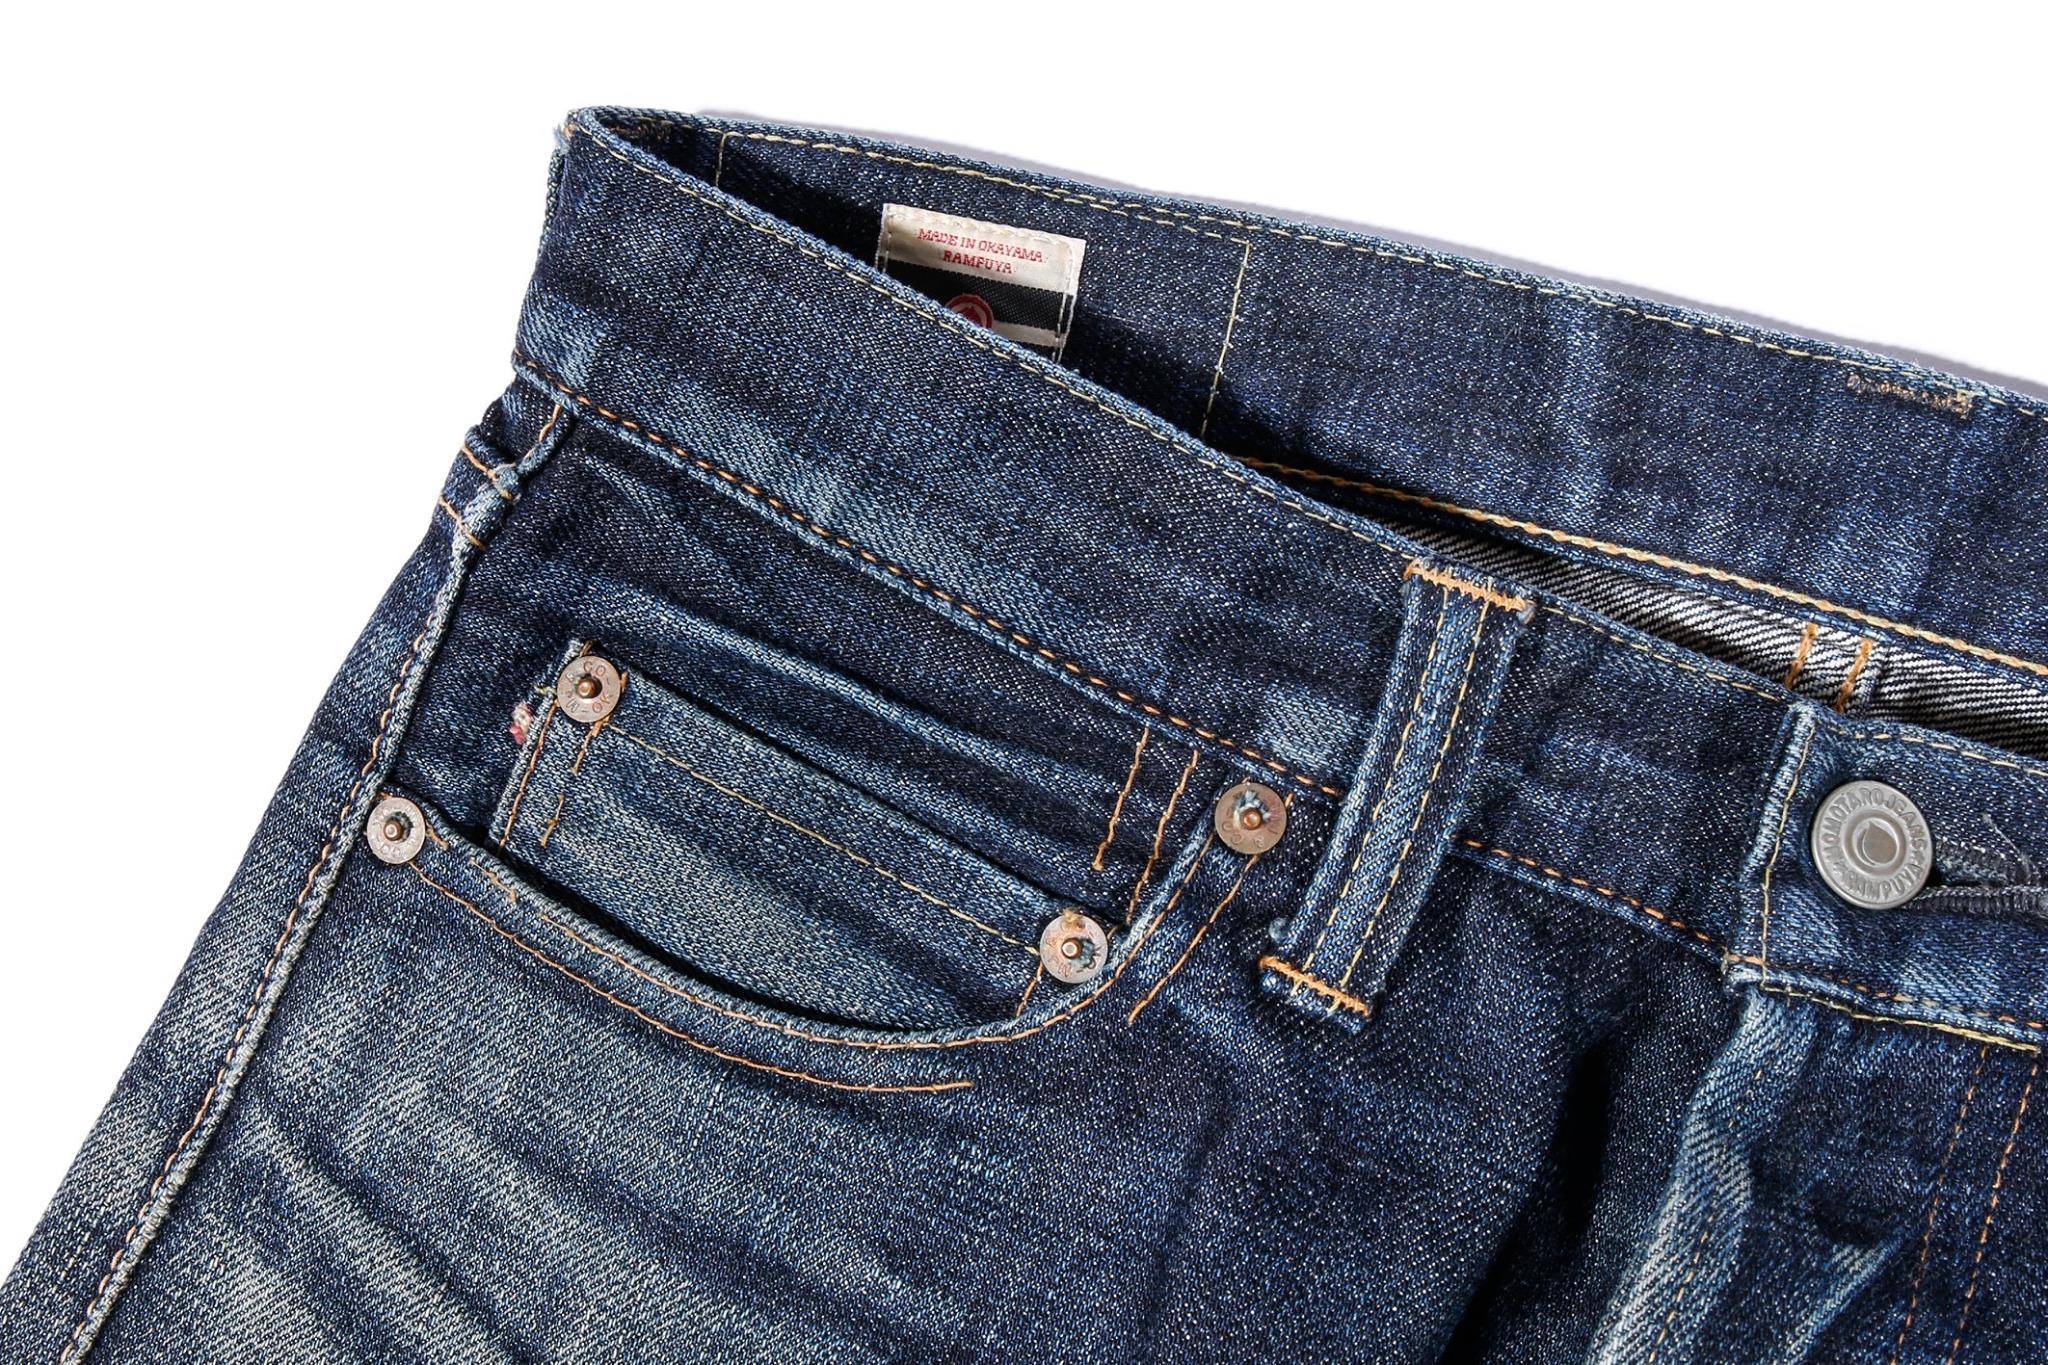 %e6%97%a5%e7%89%9b%e9%a4%8a%e6%88%90%e5%a4%a7%e5%8b%9f%e9%9b%86_momotaro-jeans_0705sp_%e5%8a%89%e9%81%94%e7%be%a9_7